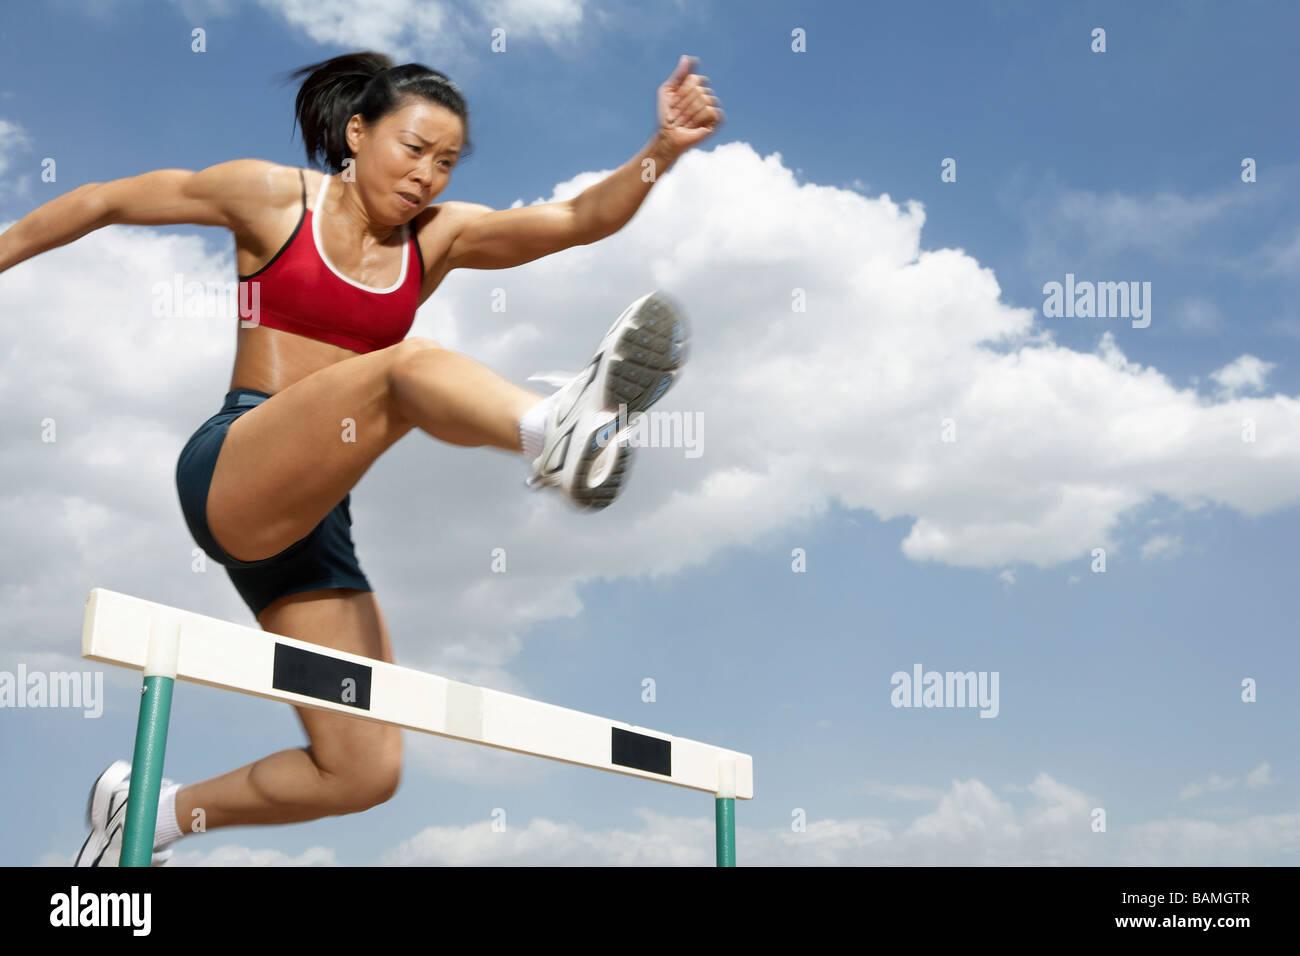 Atleta Saltando un ostacolo Immagini Stock